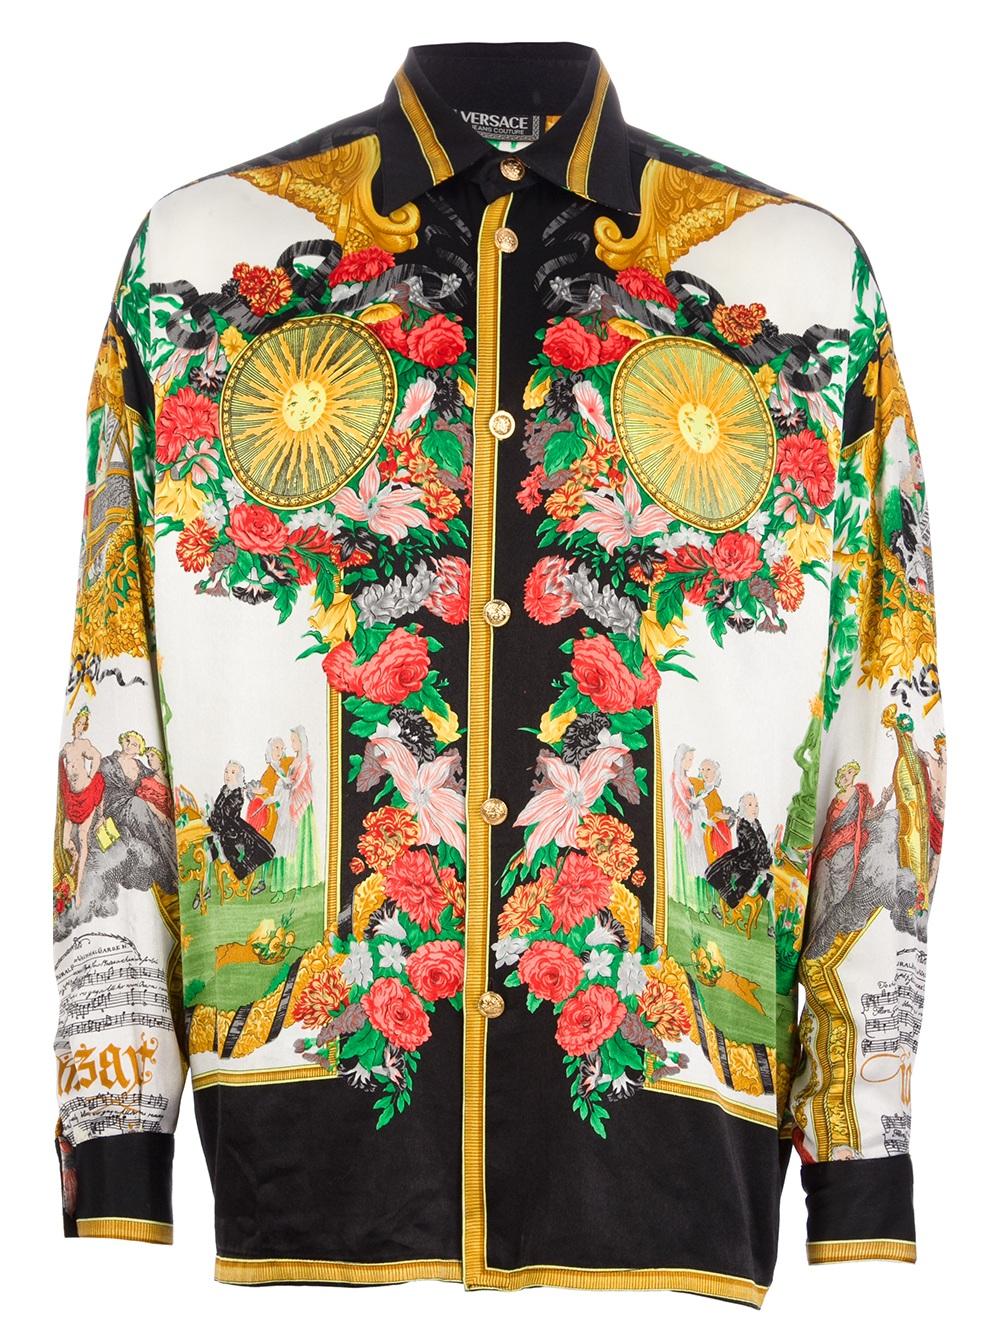 versace sana in corpore sano shirt in multicolor for men multicolour lyst. Black Bedroom Furniture Sets. Home Design Ideas